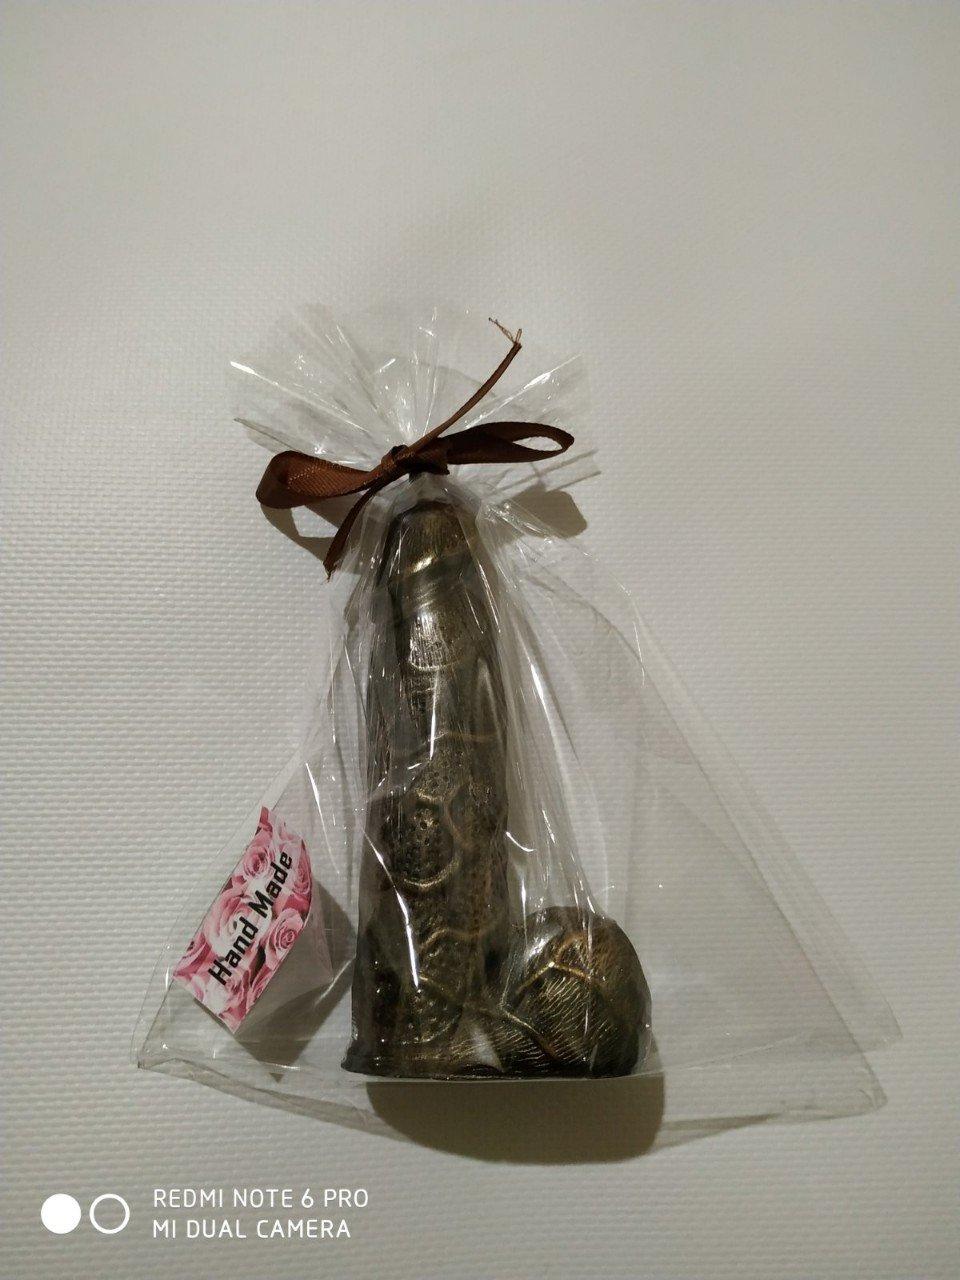 Мыло ручной работы от Bogdanova shop - Оригинальный подарок мыло ручной работы 18+